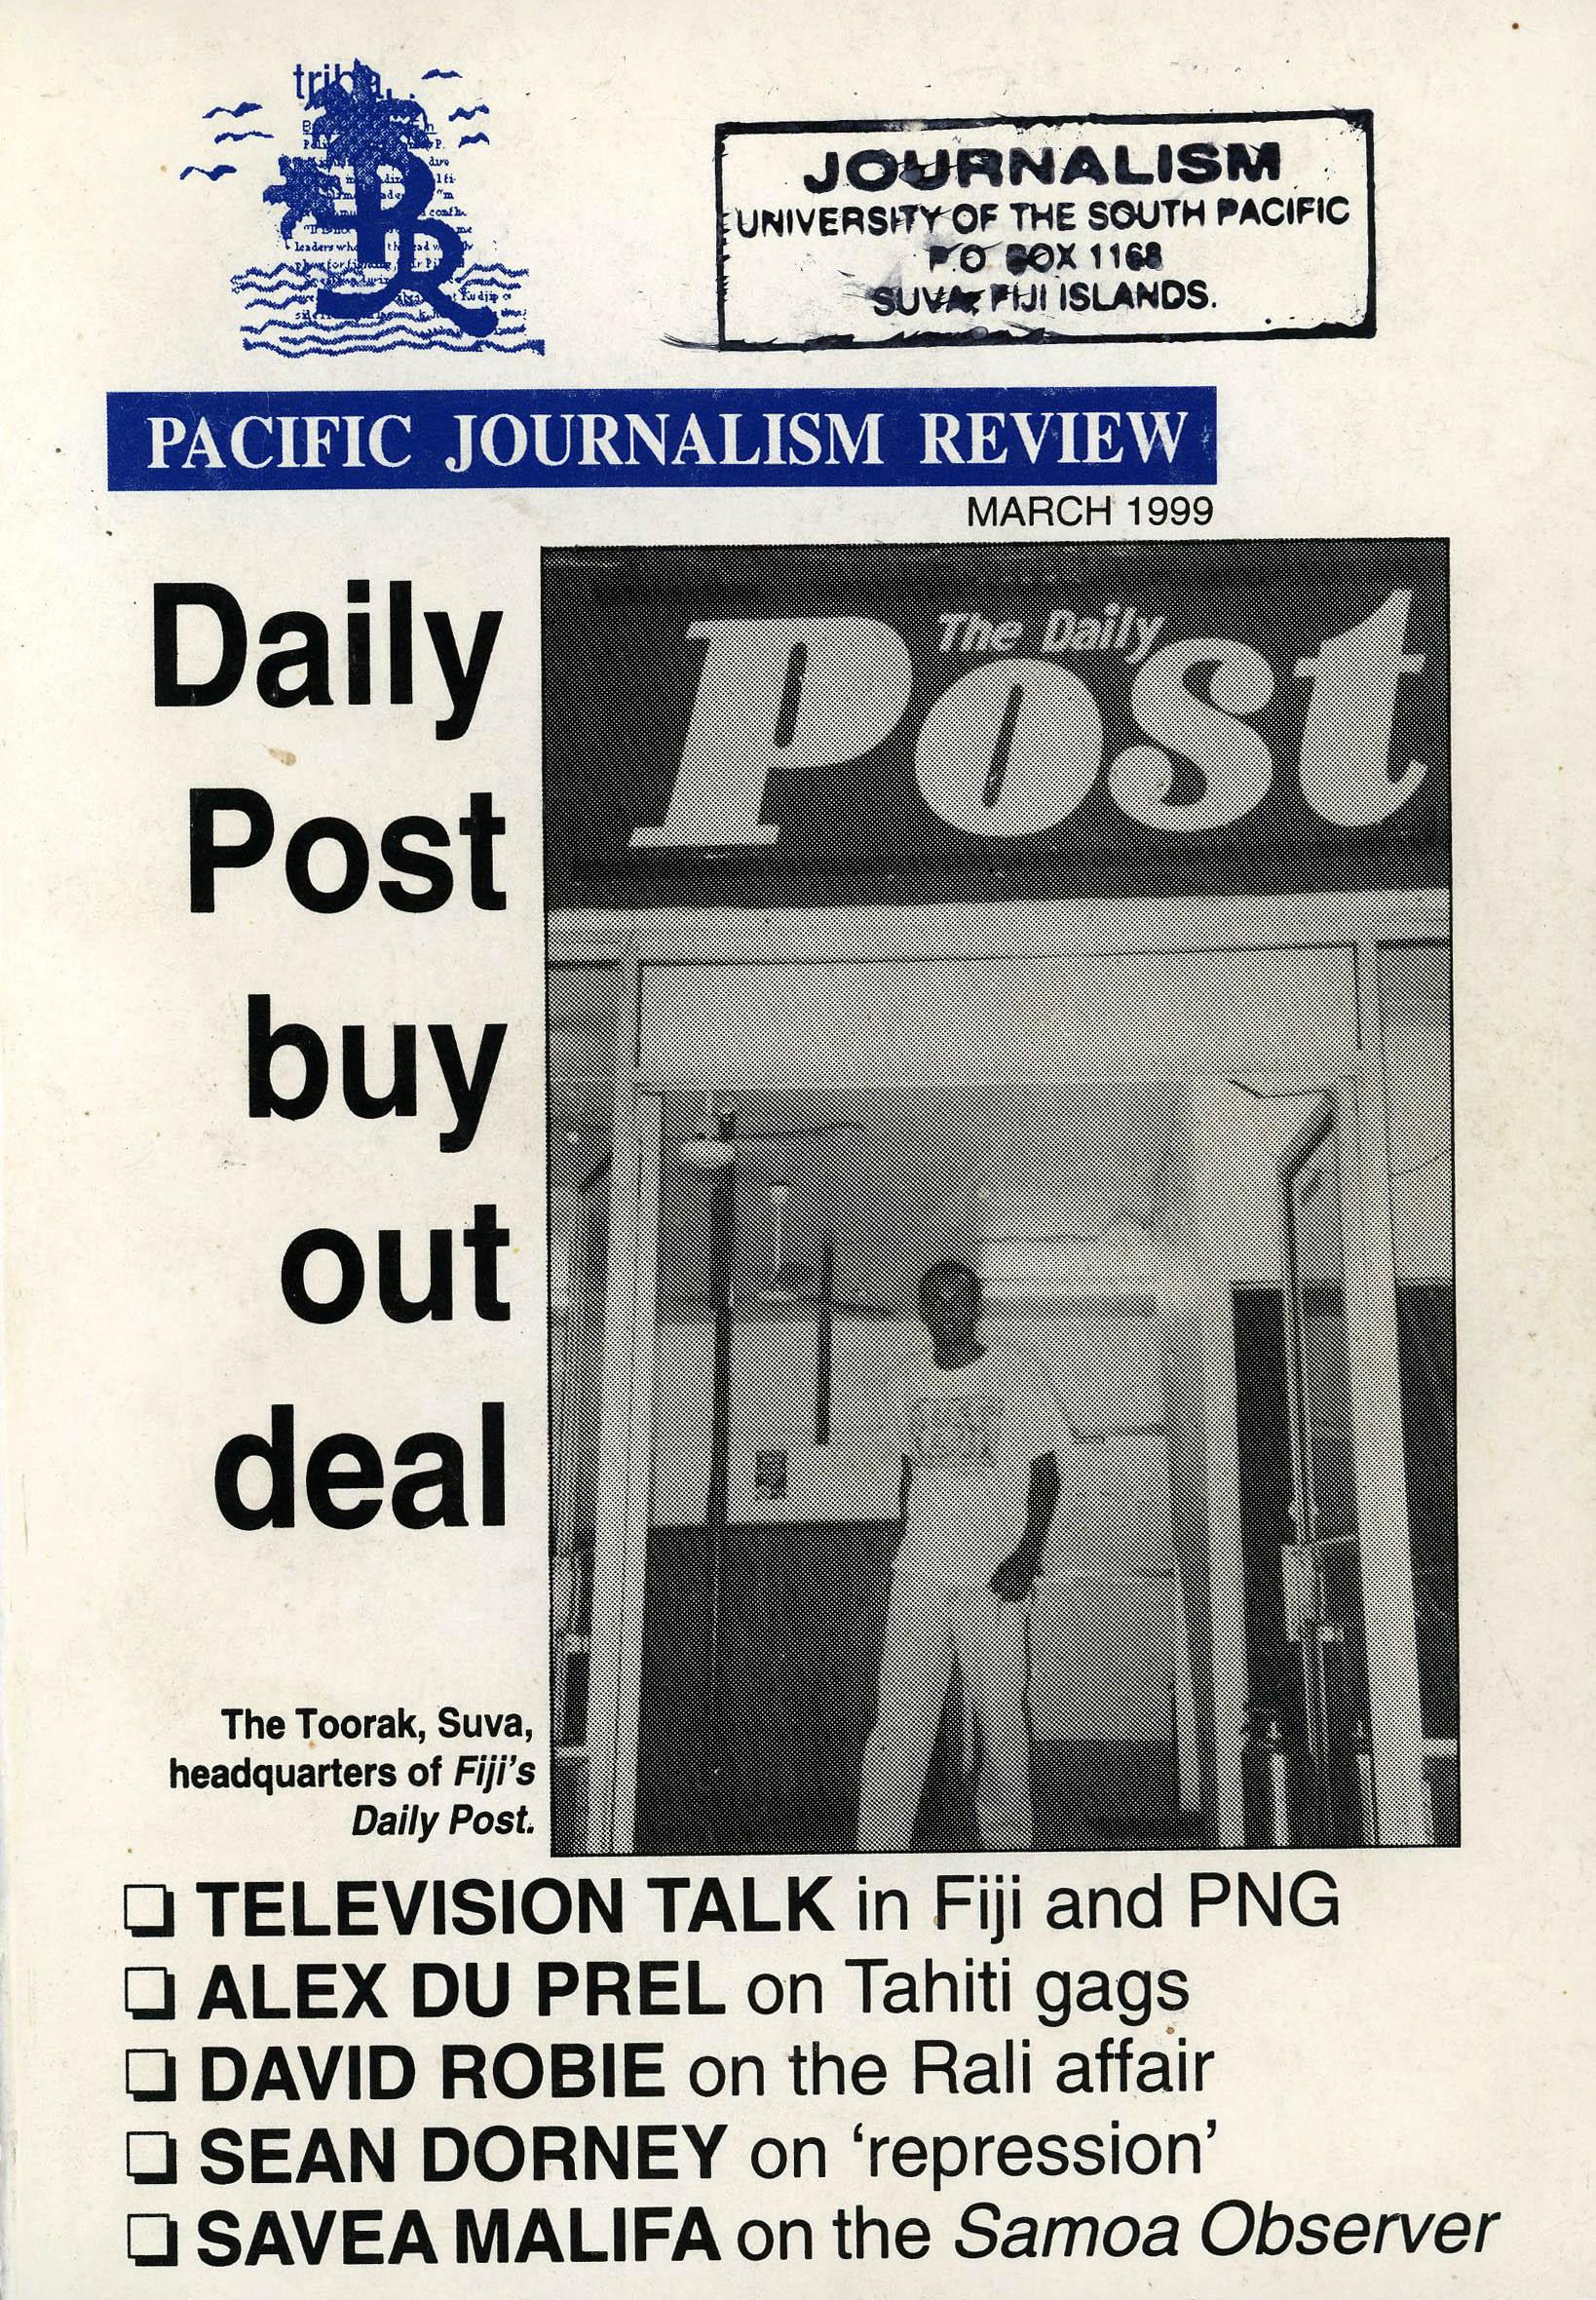 PJR v5(March 1999)